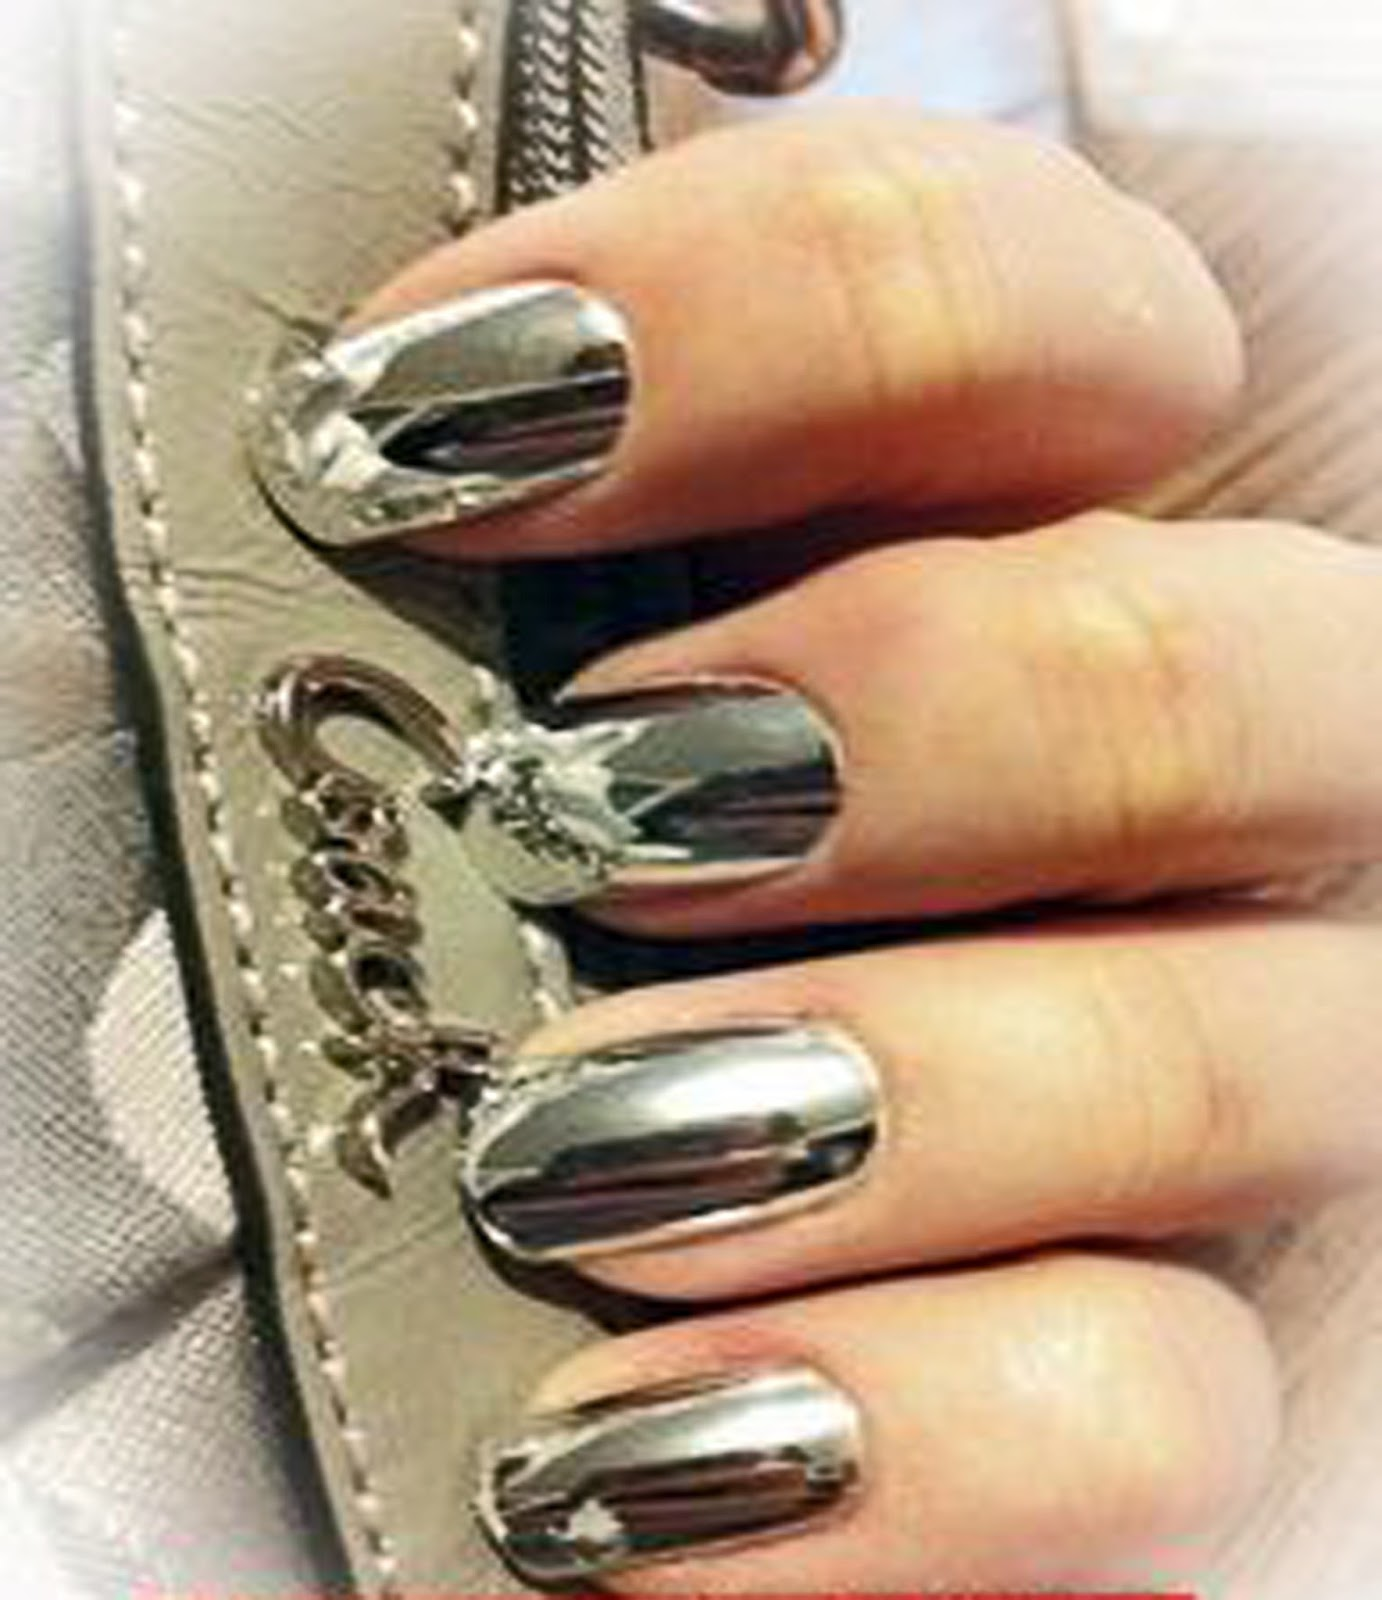 in moda for me nail art como hacer u as efecto espejo